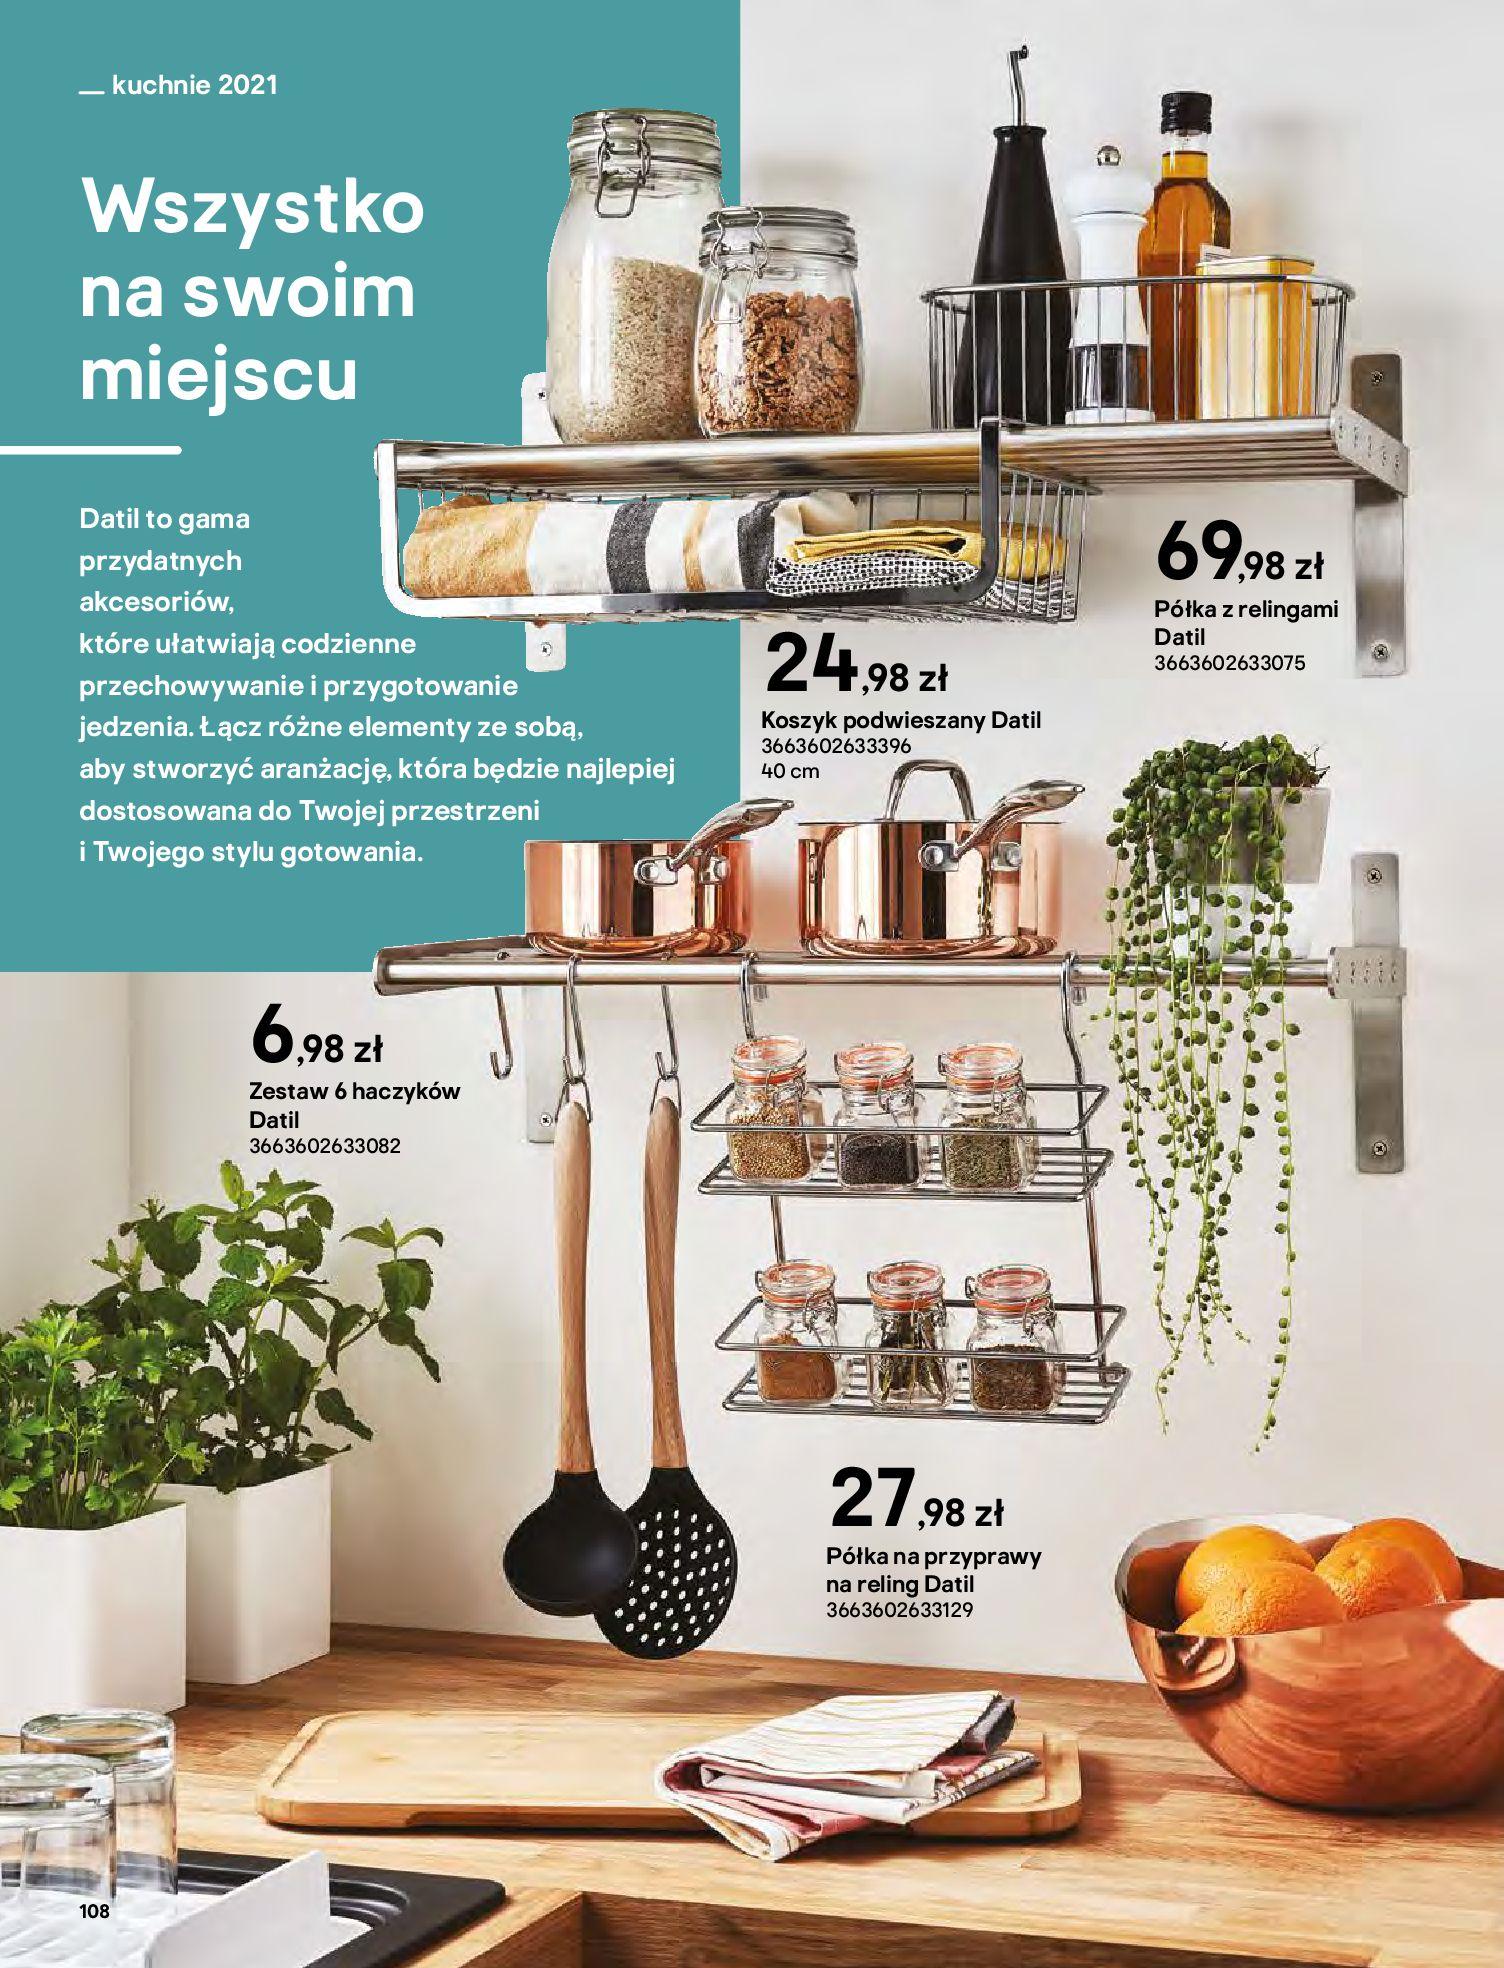 Gazetka Castorama: Katalog kuchnie 2021 2021-05-04 page-108